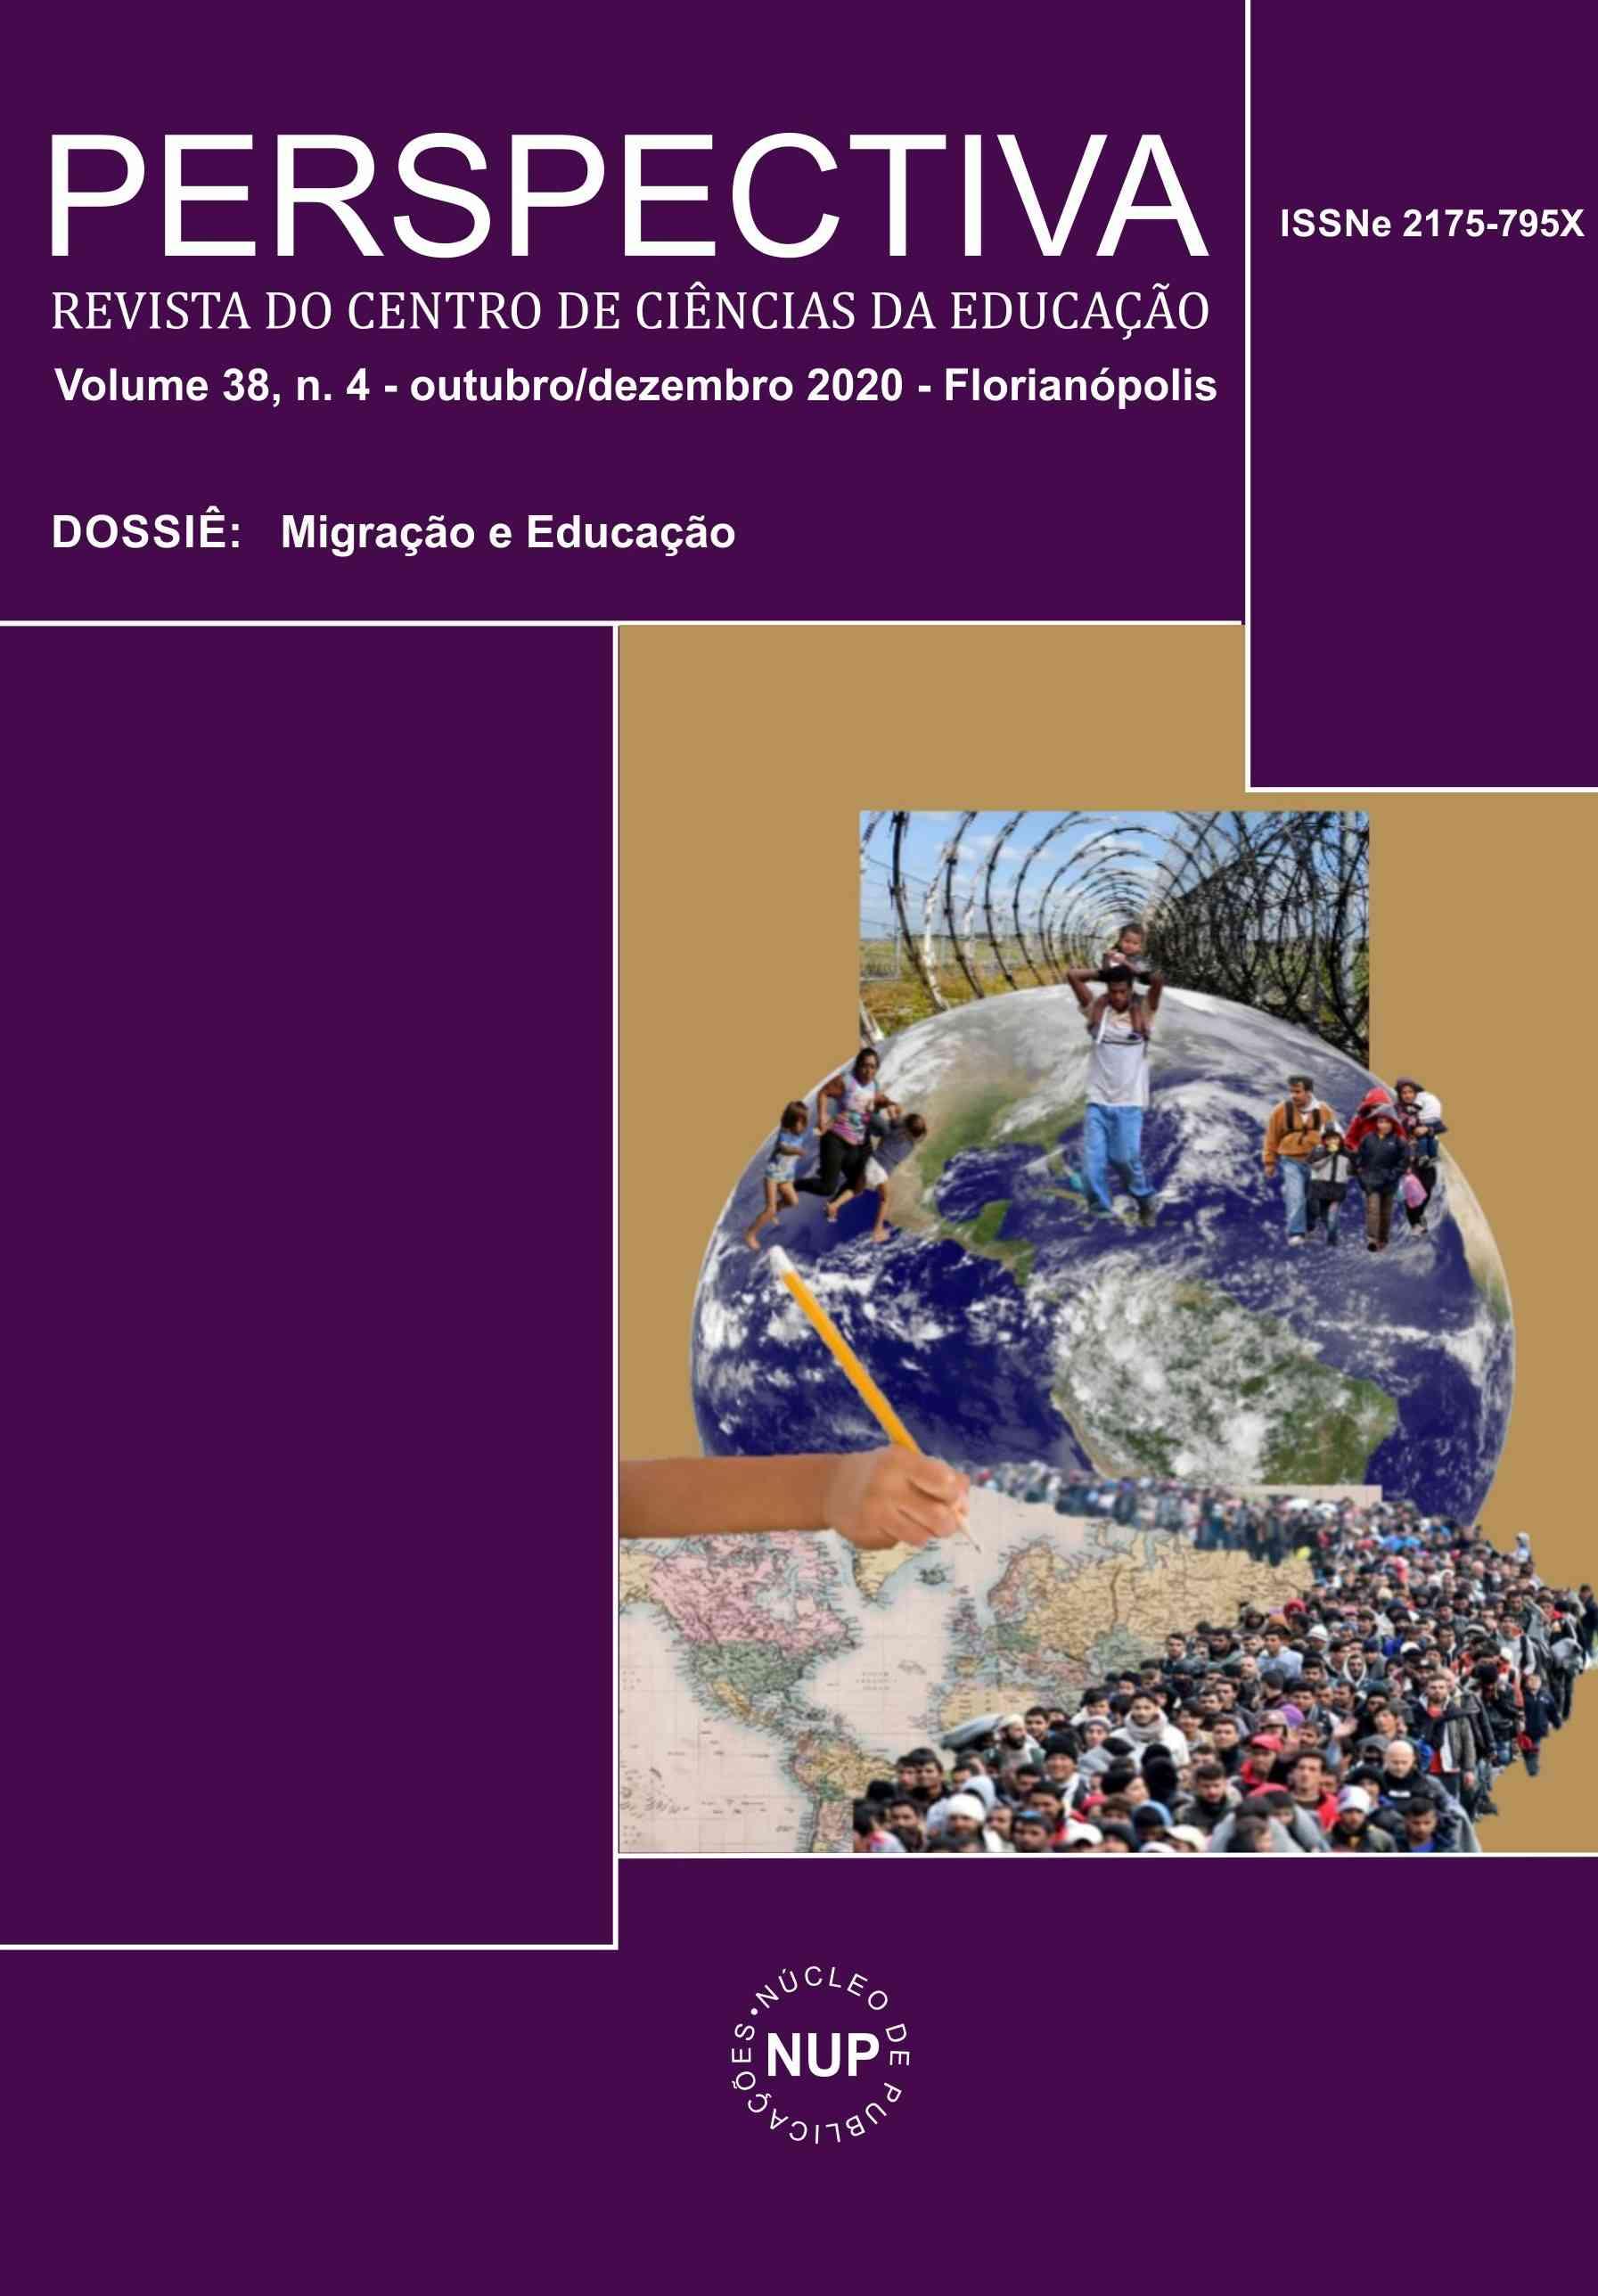 Visualizar v. 38 n. 4 (2020): V38 n4 2020 Dossiê Migração e Educação